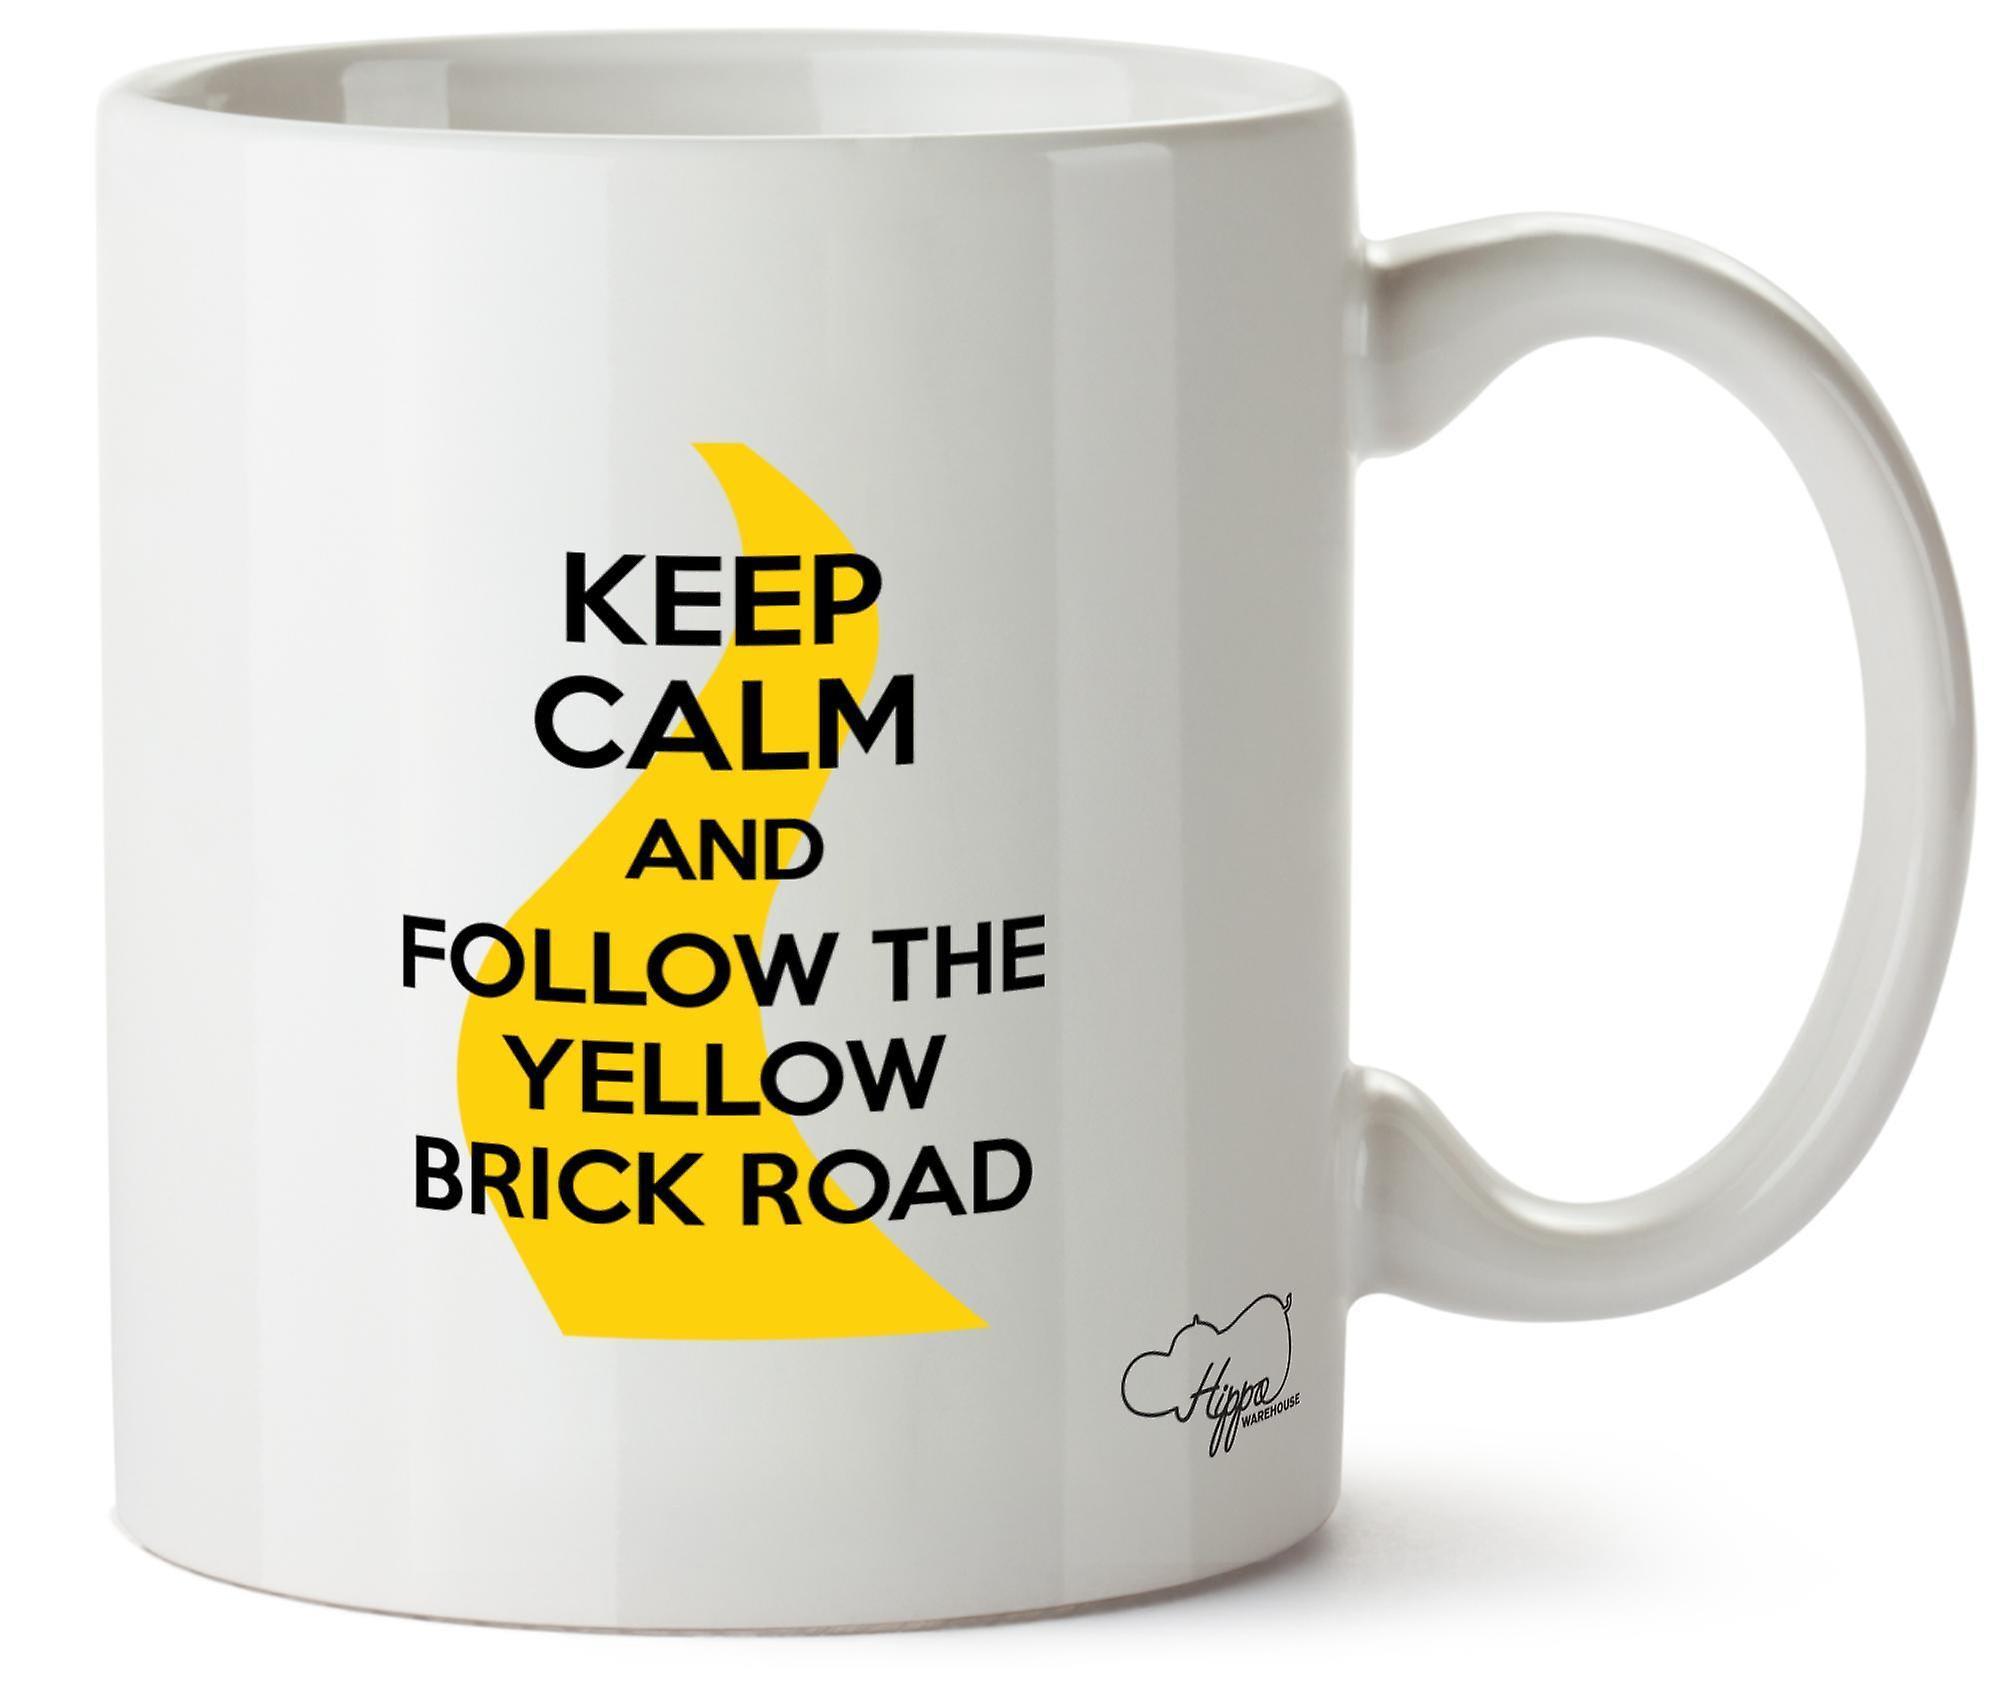 Road Tasse 10oz Le Mug Céramique Calme Et Hippowarehouse Yellow Imprimé Brick Garder Suivez ZkTXiOPu